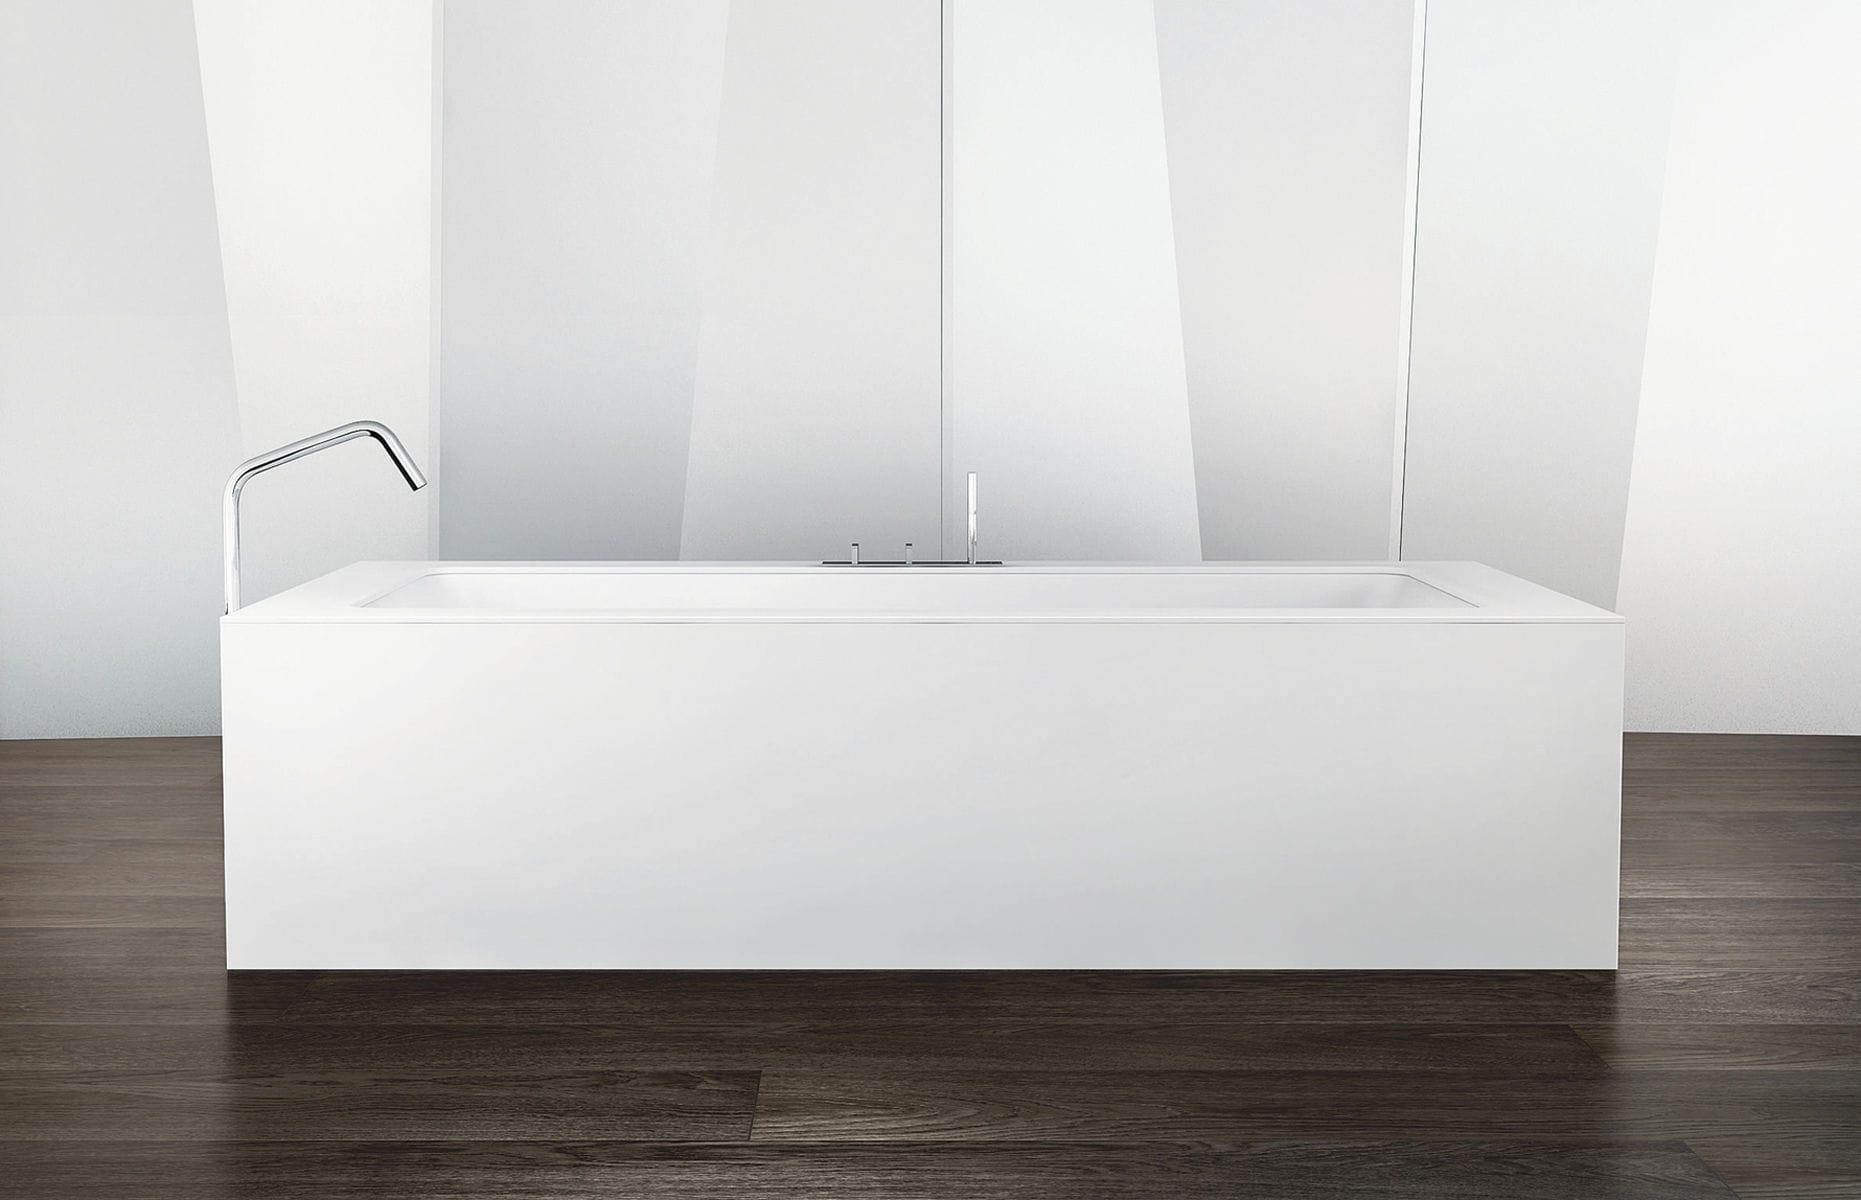 Vasca Da Bagno Makro Prezzi : Vasca da bagno in acrilico in polistirene espanso style makro